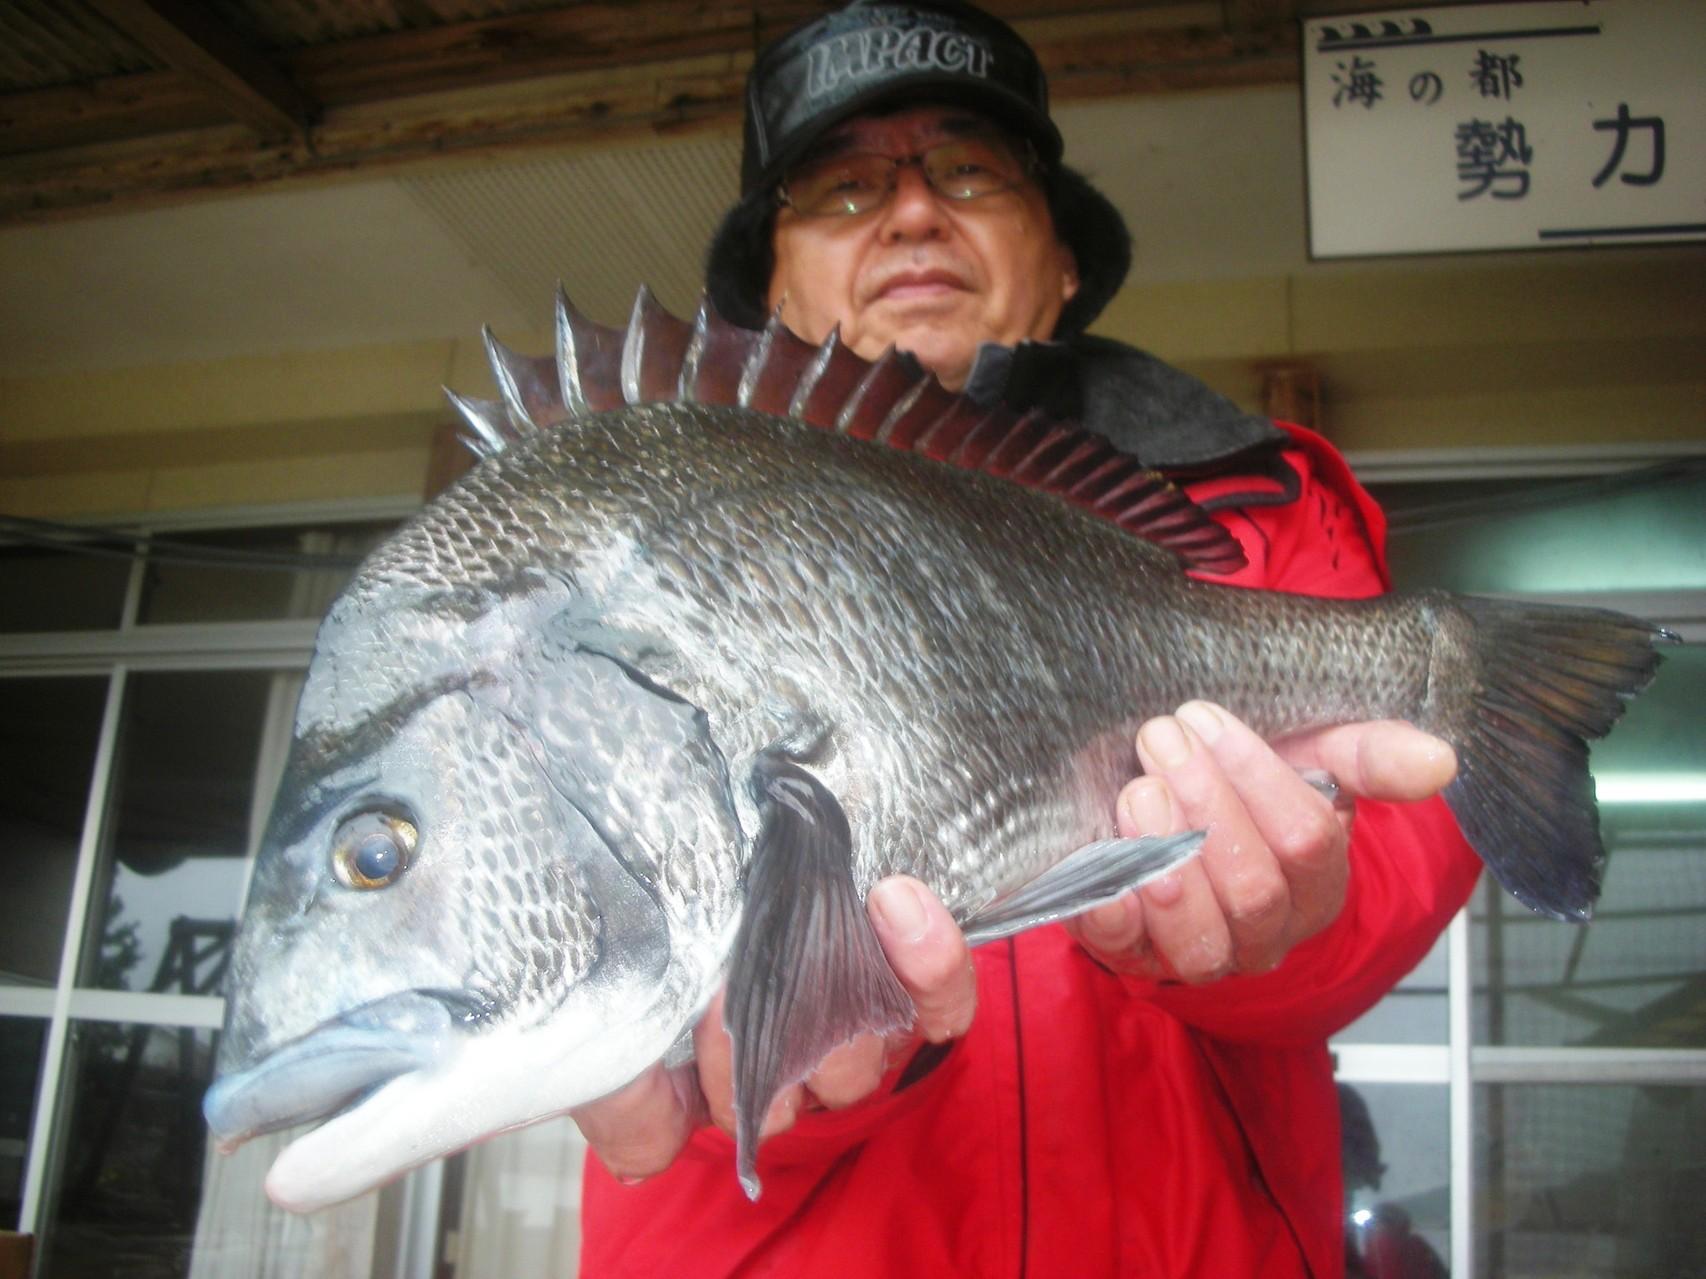 12月25日 ダゴチン釣りで田中さん ガバチヌ50.6㎝